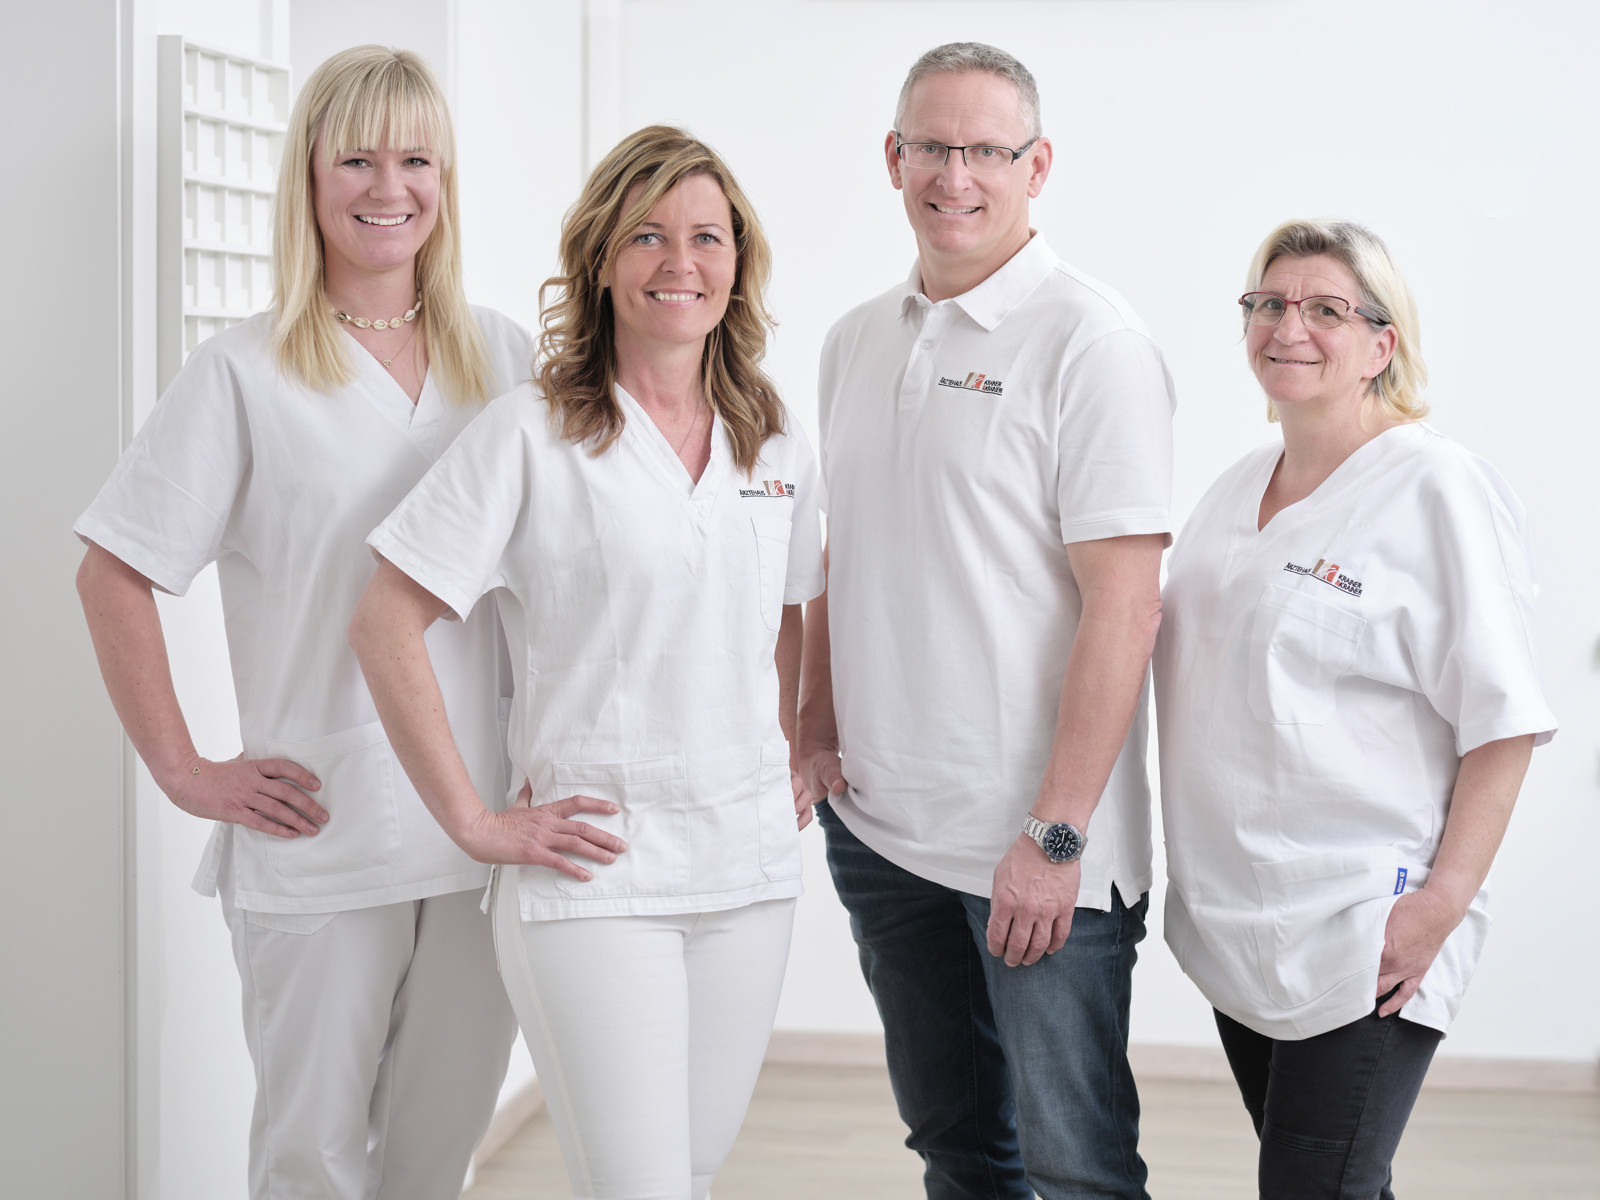 Ärztehaus Krainer Team